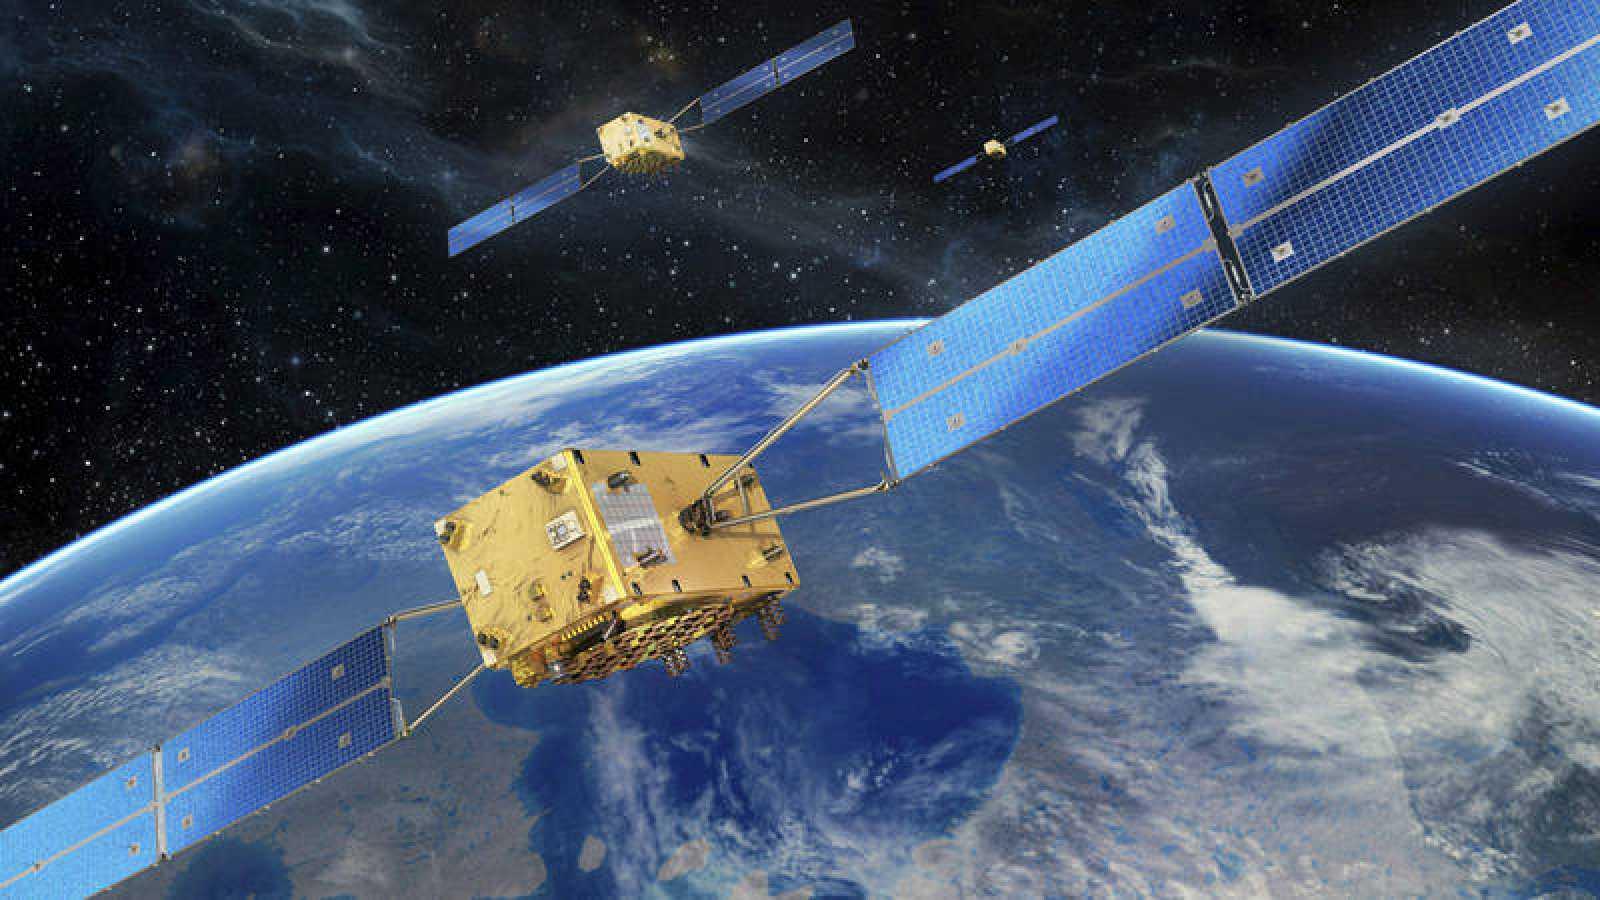 Se espera que en 2020 la constelación Galileo esté completa con 30 satélites.